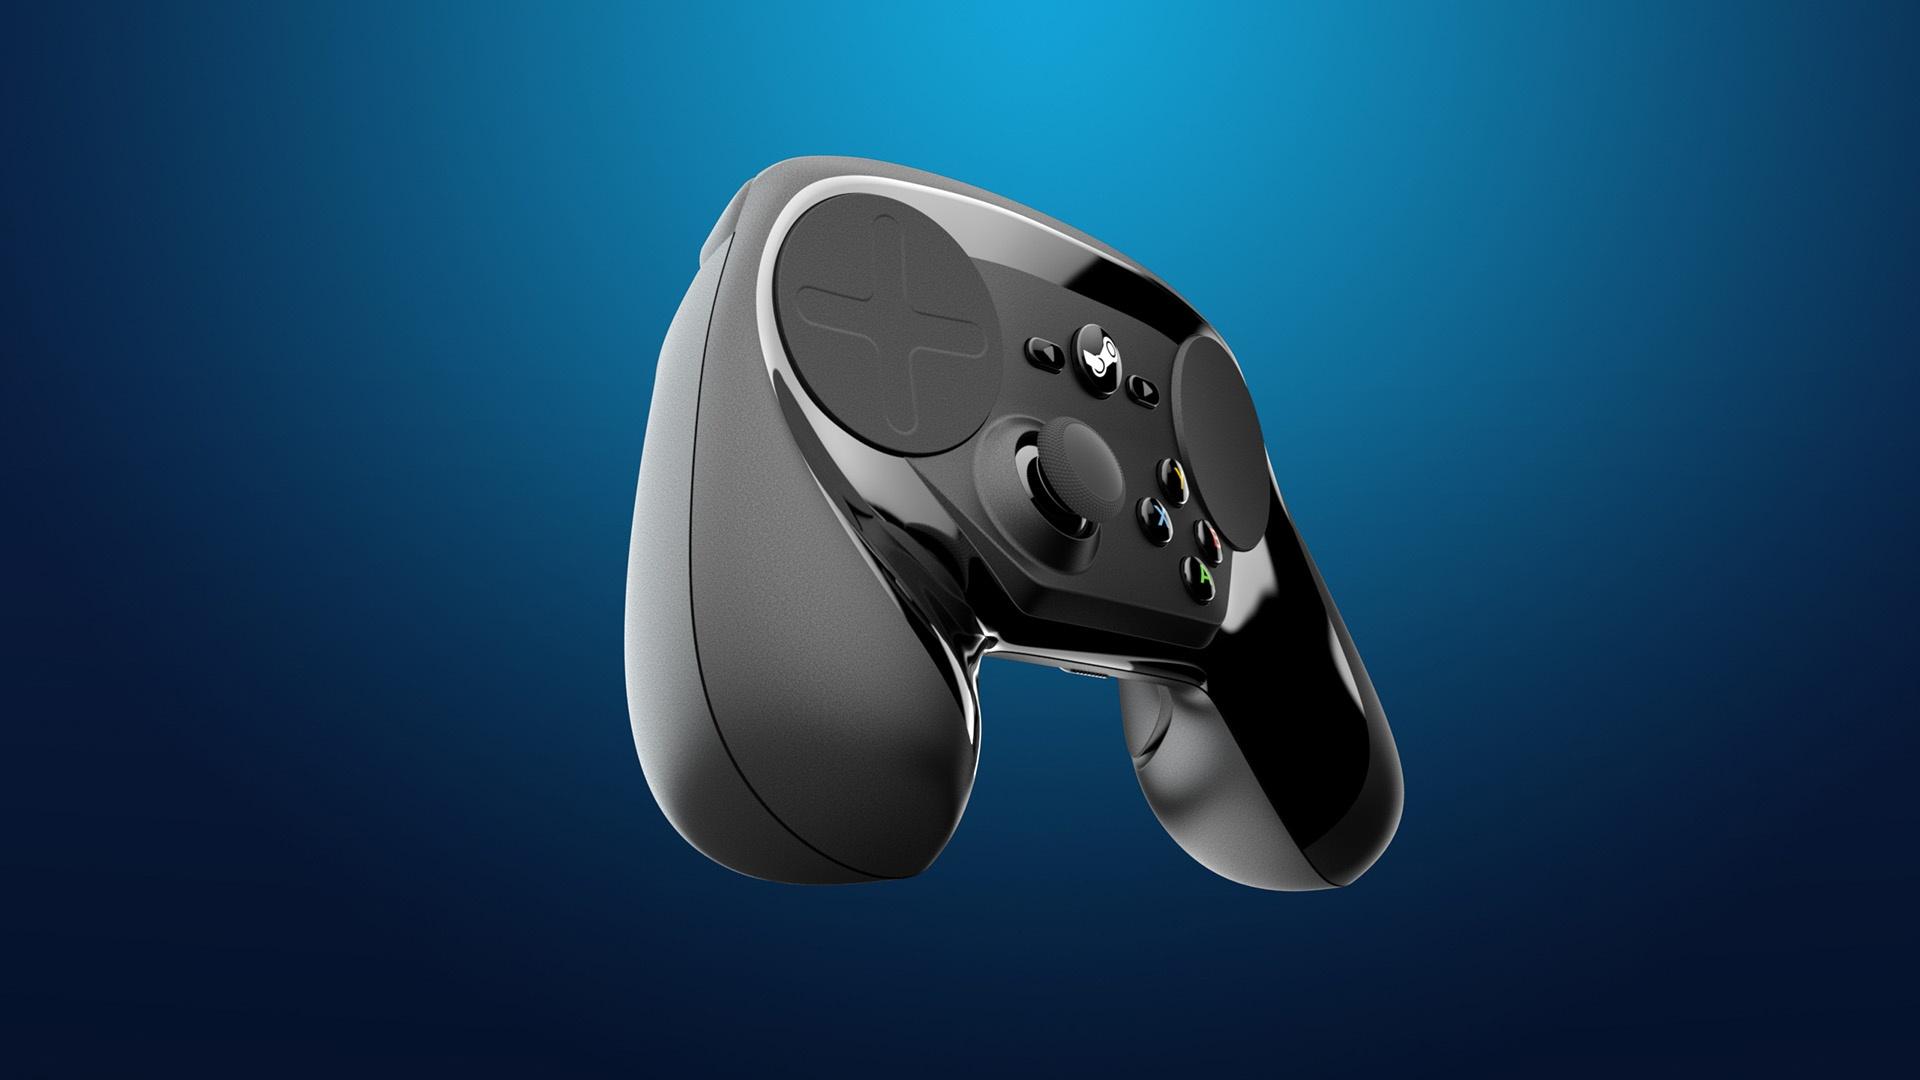 В новом патенте Valve описан Steam Controller со сменными стиками